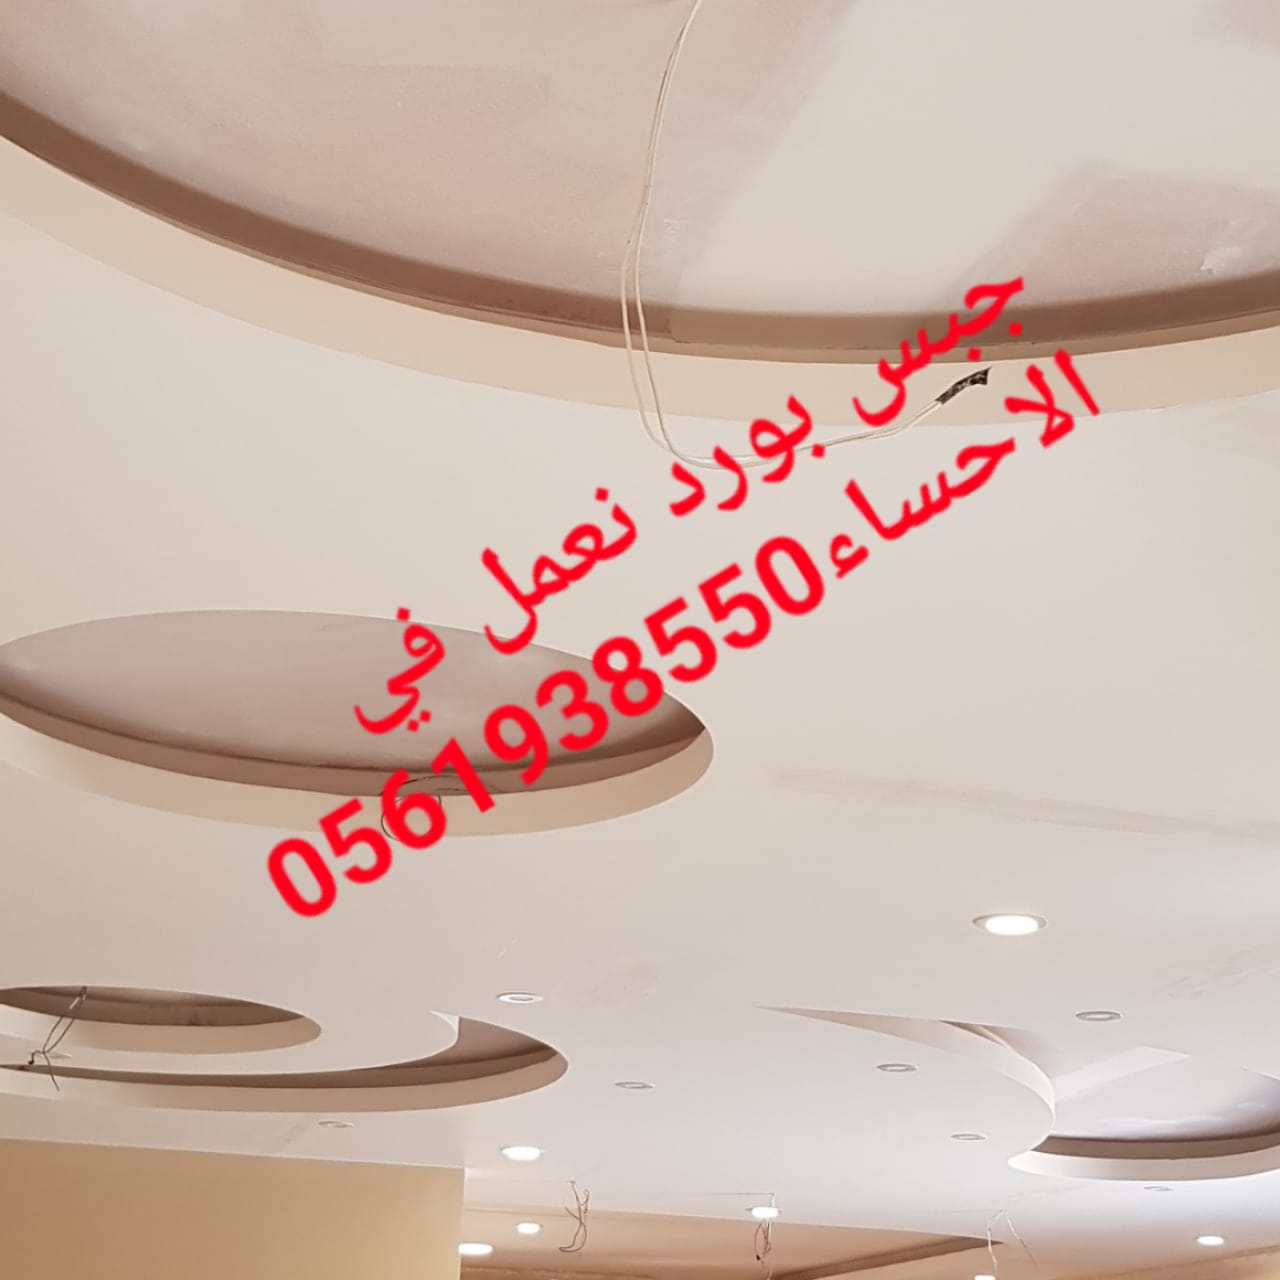 ديكورات بالاحساء الاحساء 0561938550